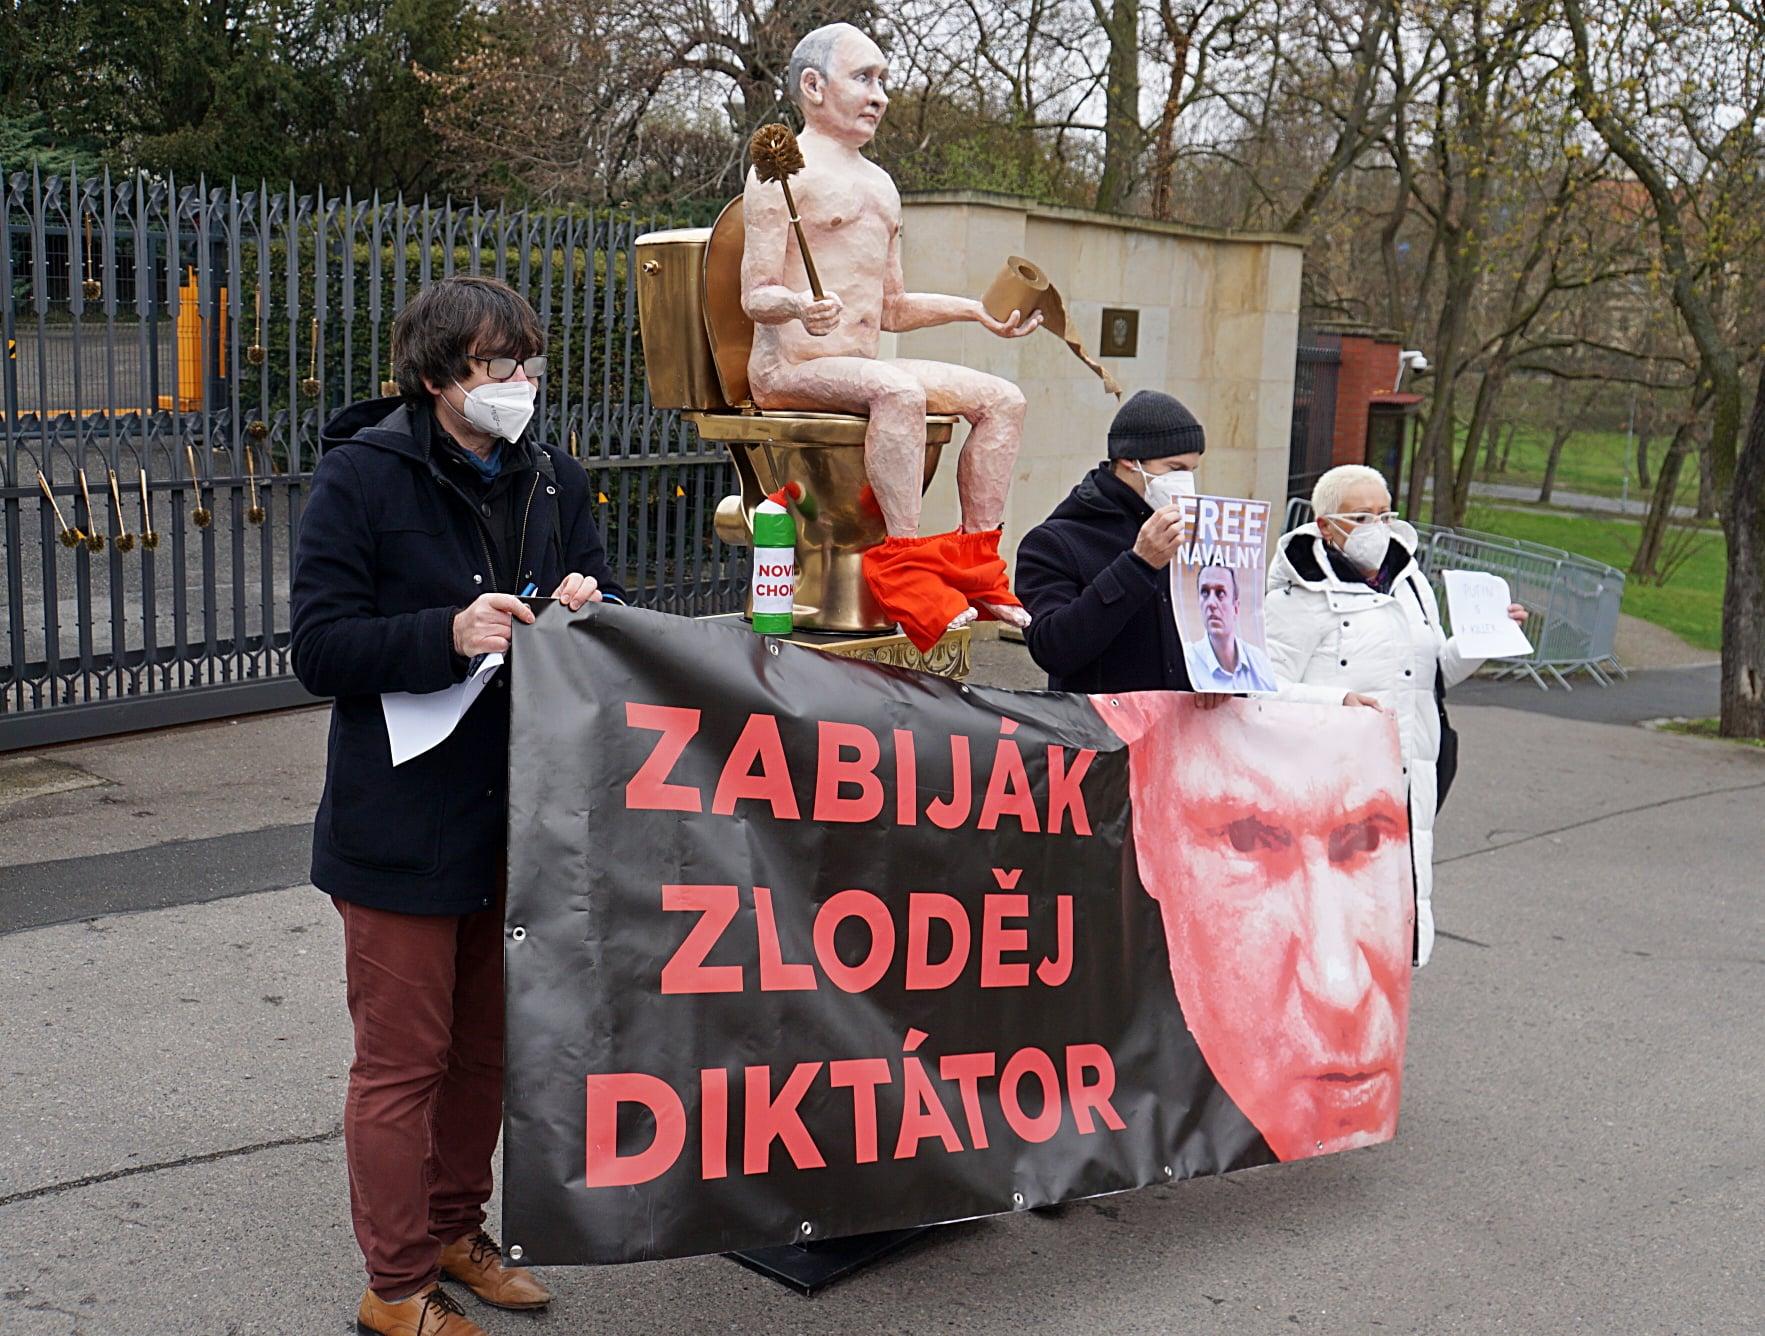 В Чехии установили статую голого Путина: где и зачем (ФОТО, ВИДЕО) - фото 3